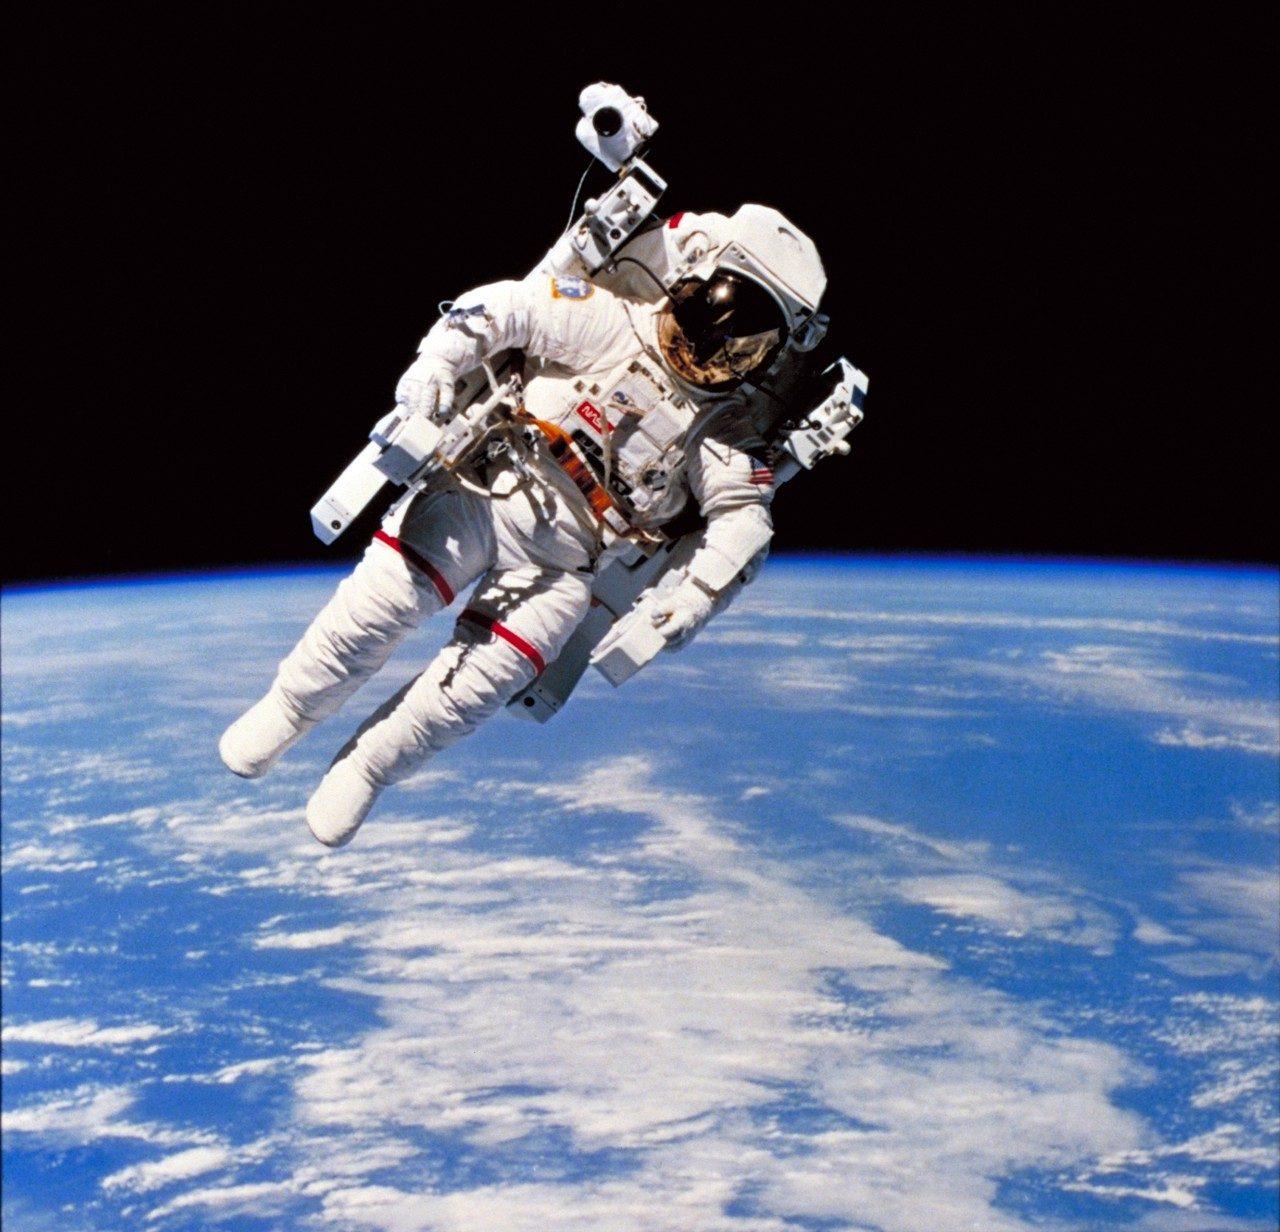 読者からの質問:普通の人はいつ宇宙に行けるようになりますか?